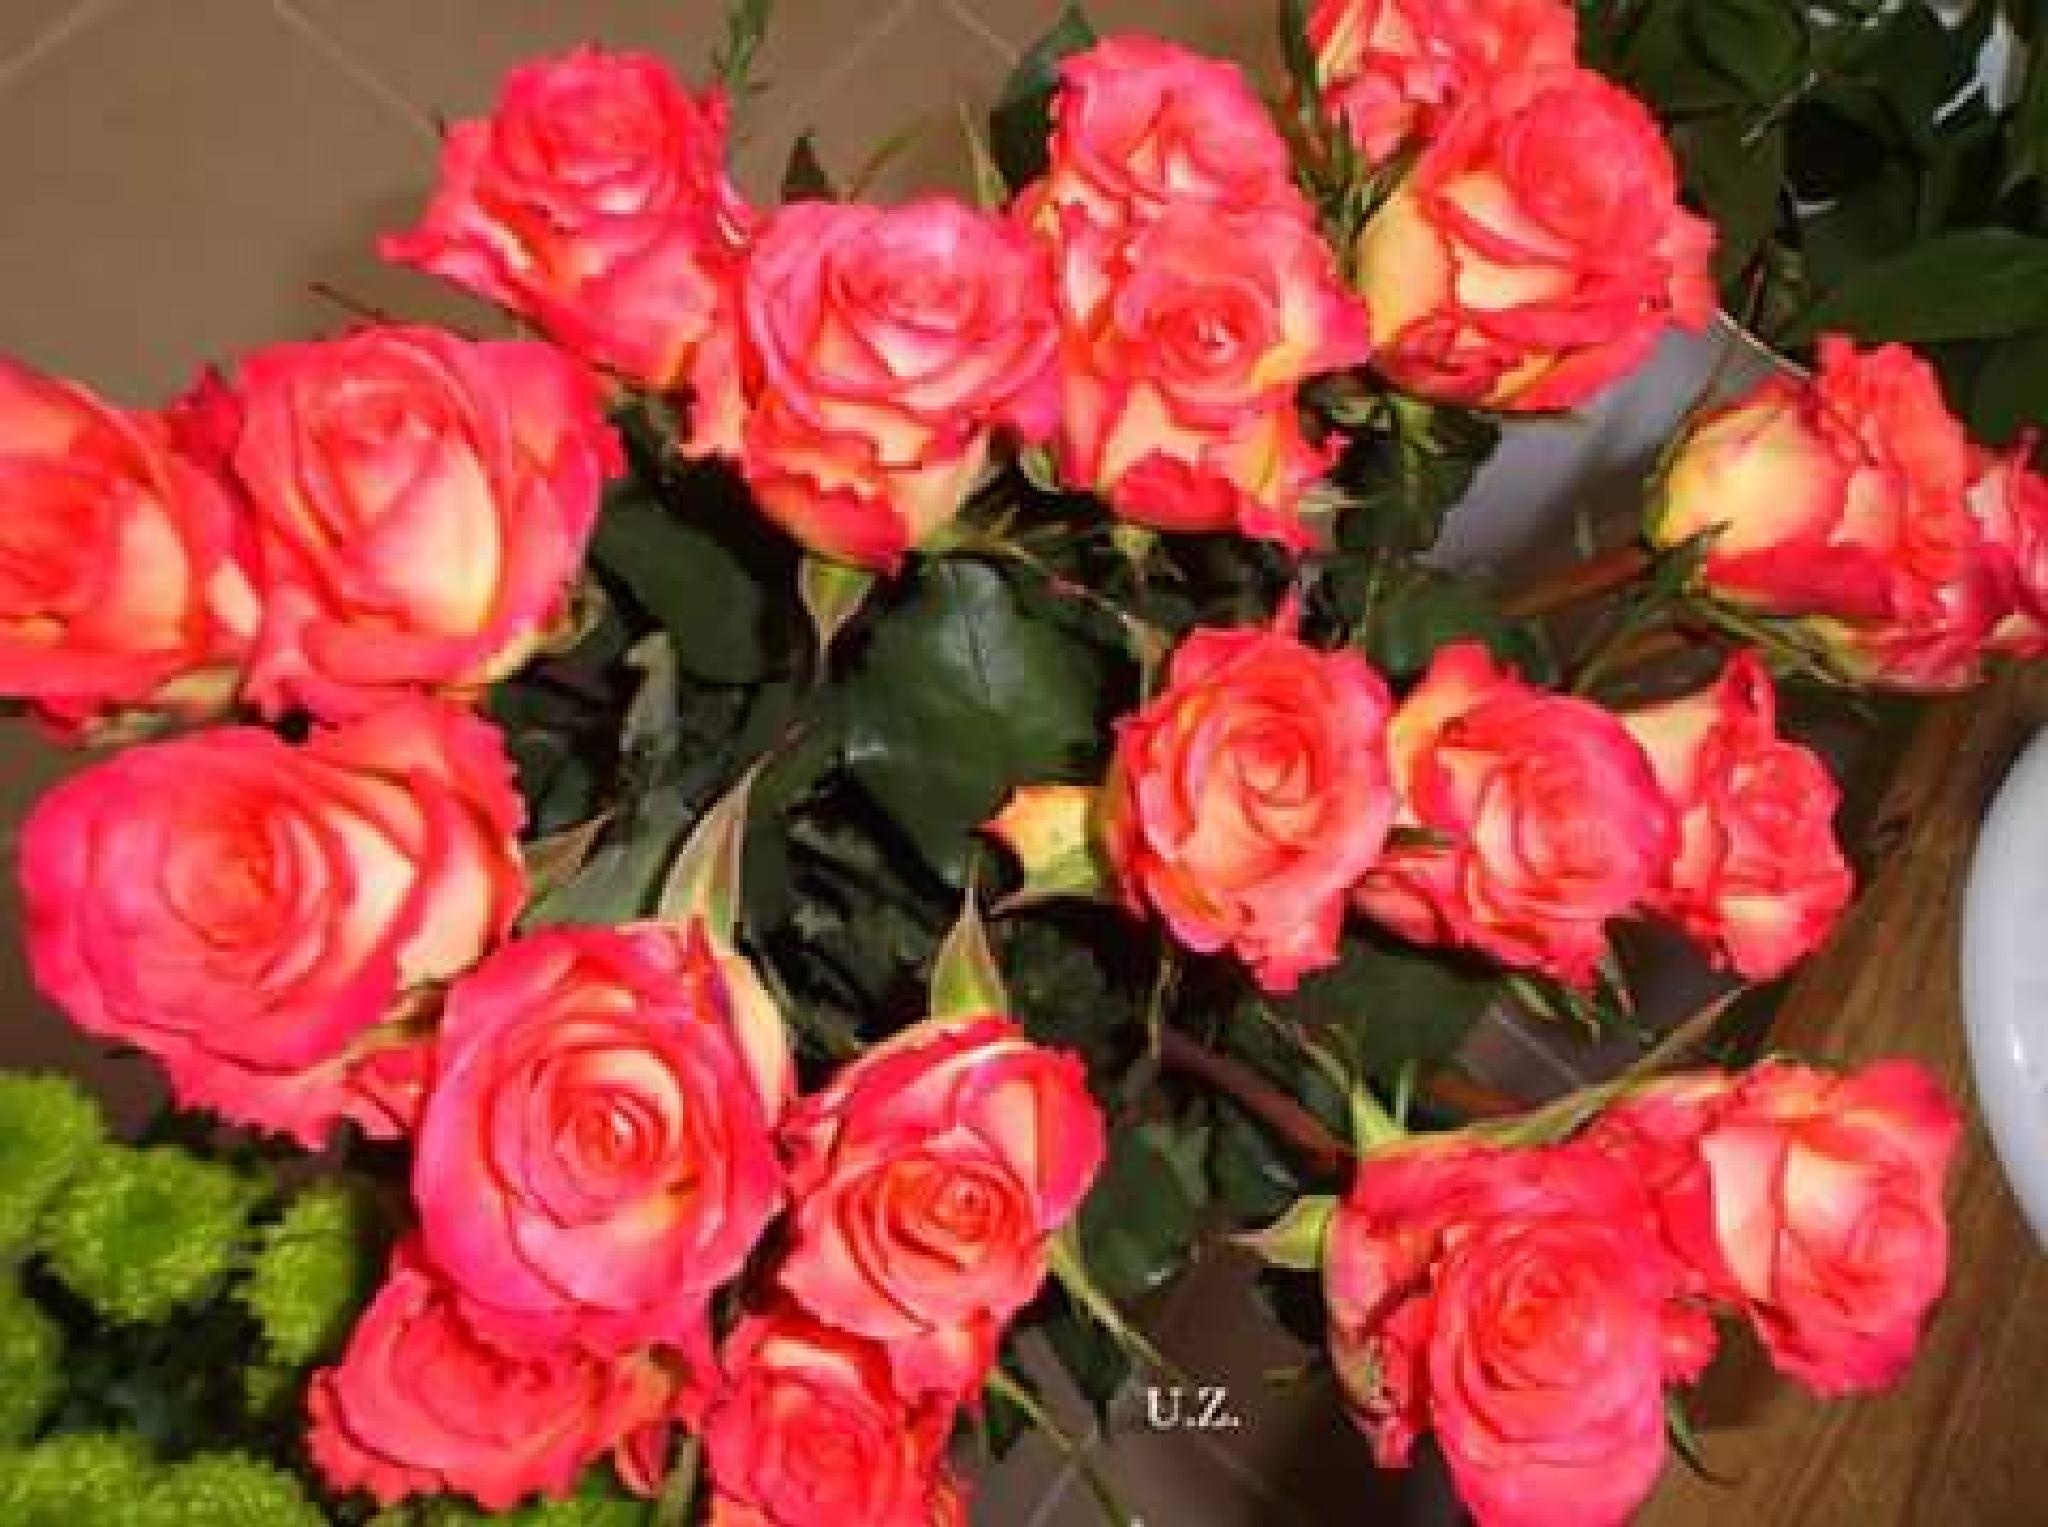 Red roses by Zita Užkuraitienė